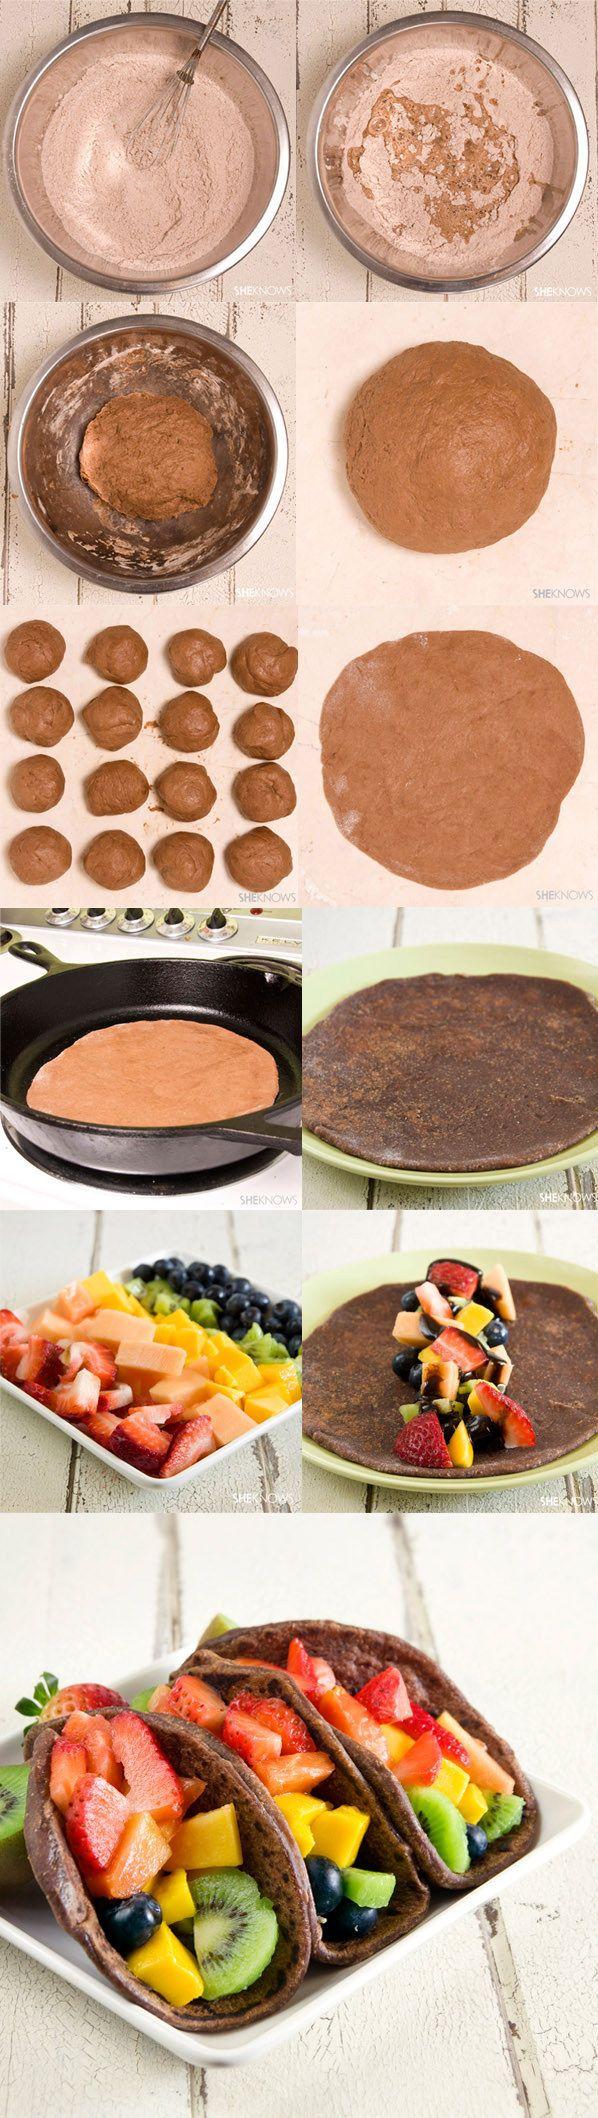 Tacos de frutas con tortillas de chocolate: | 15 Ricas recetas para los que quieren comer más fruta en el desayuno